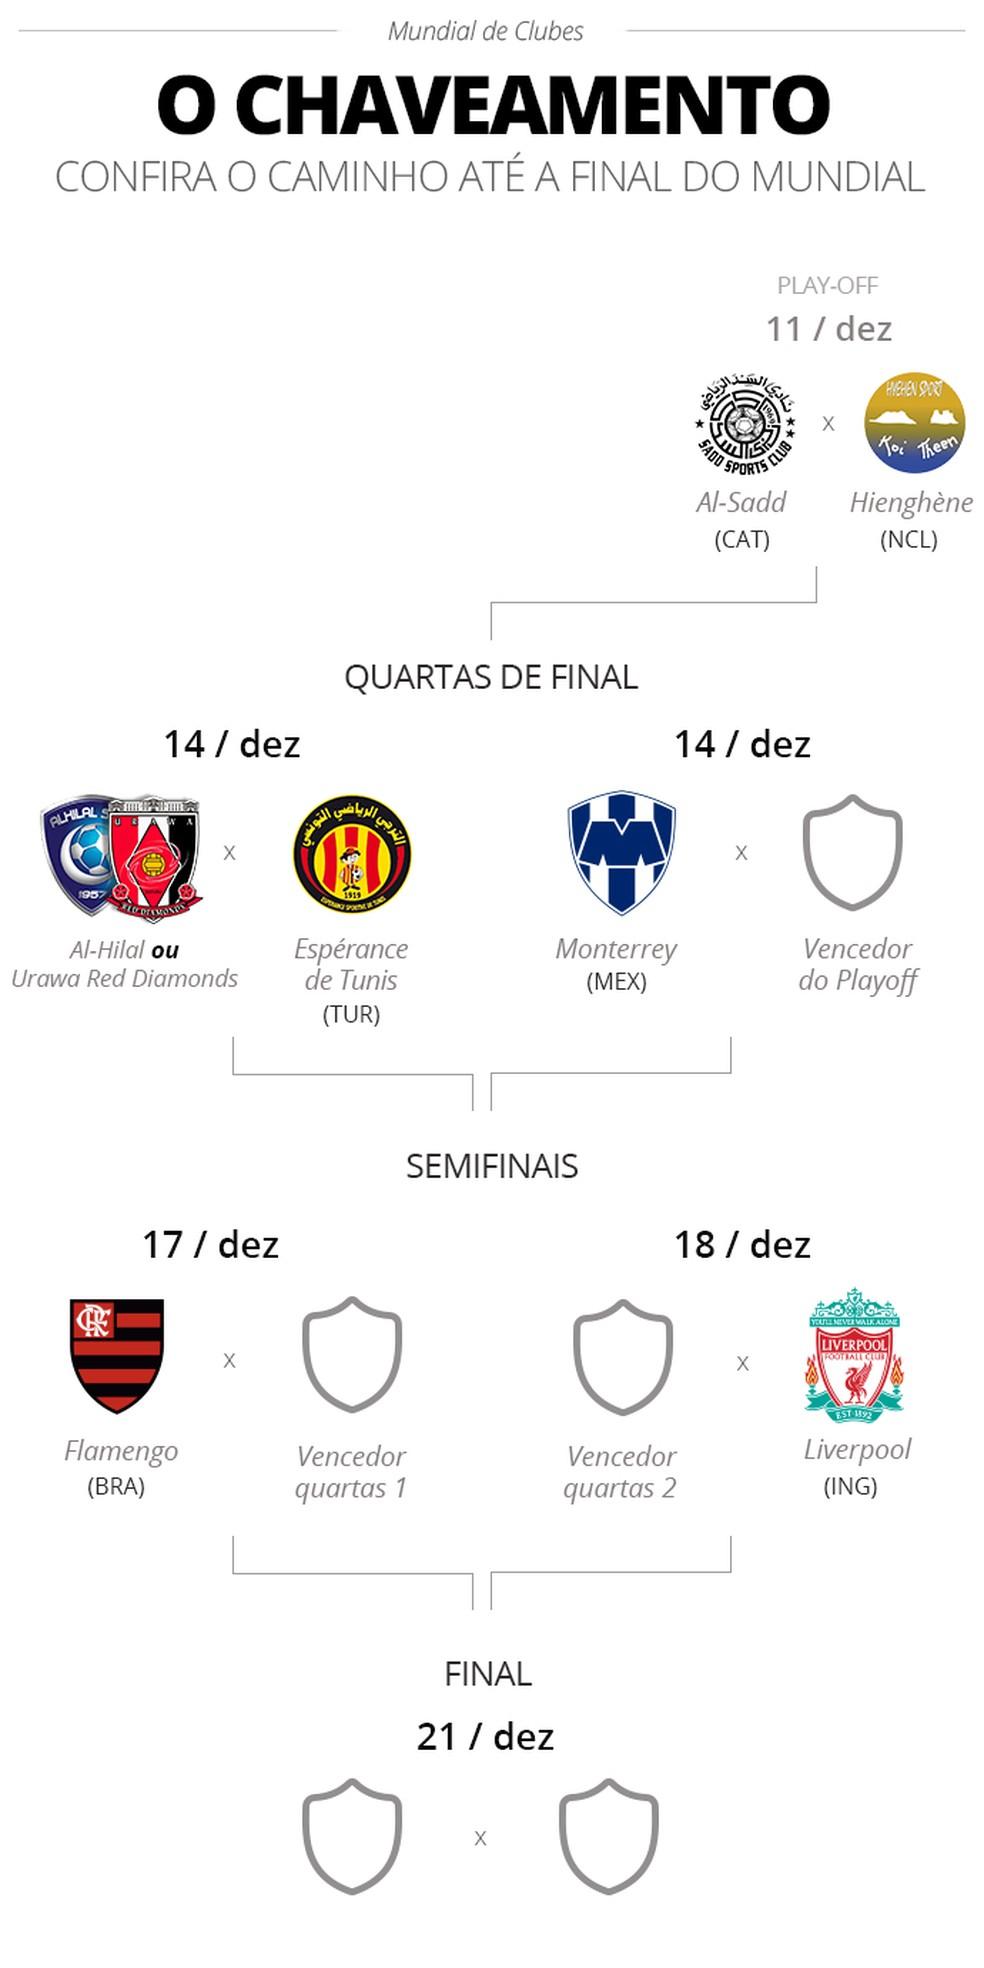 Flamengo E O Penultimo Time A Confirmar Vaga No Mundial De Clubes Veja Classificados E Tabela Mundial De Clubes Ge